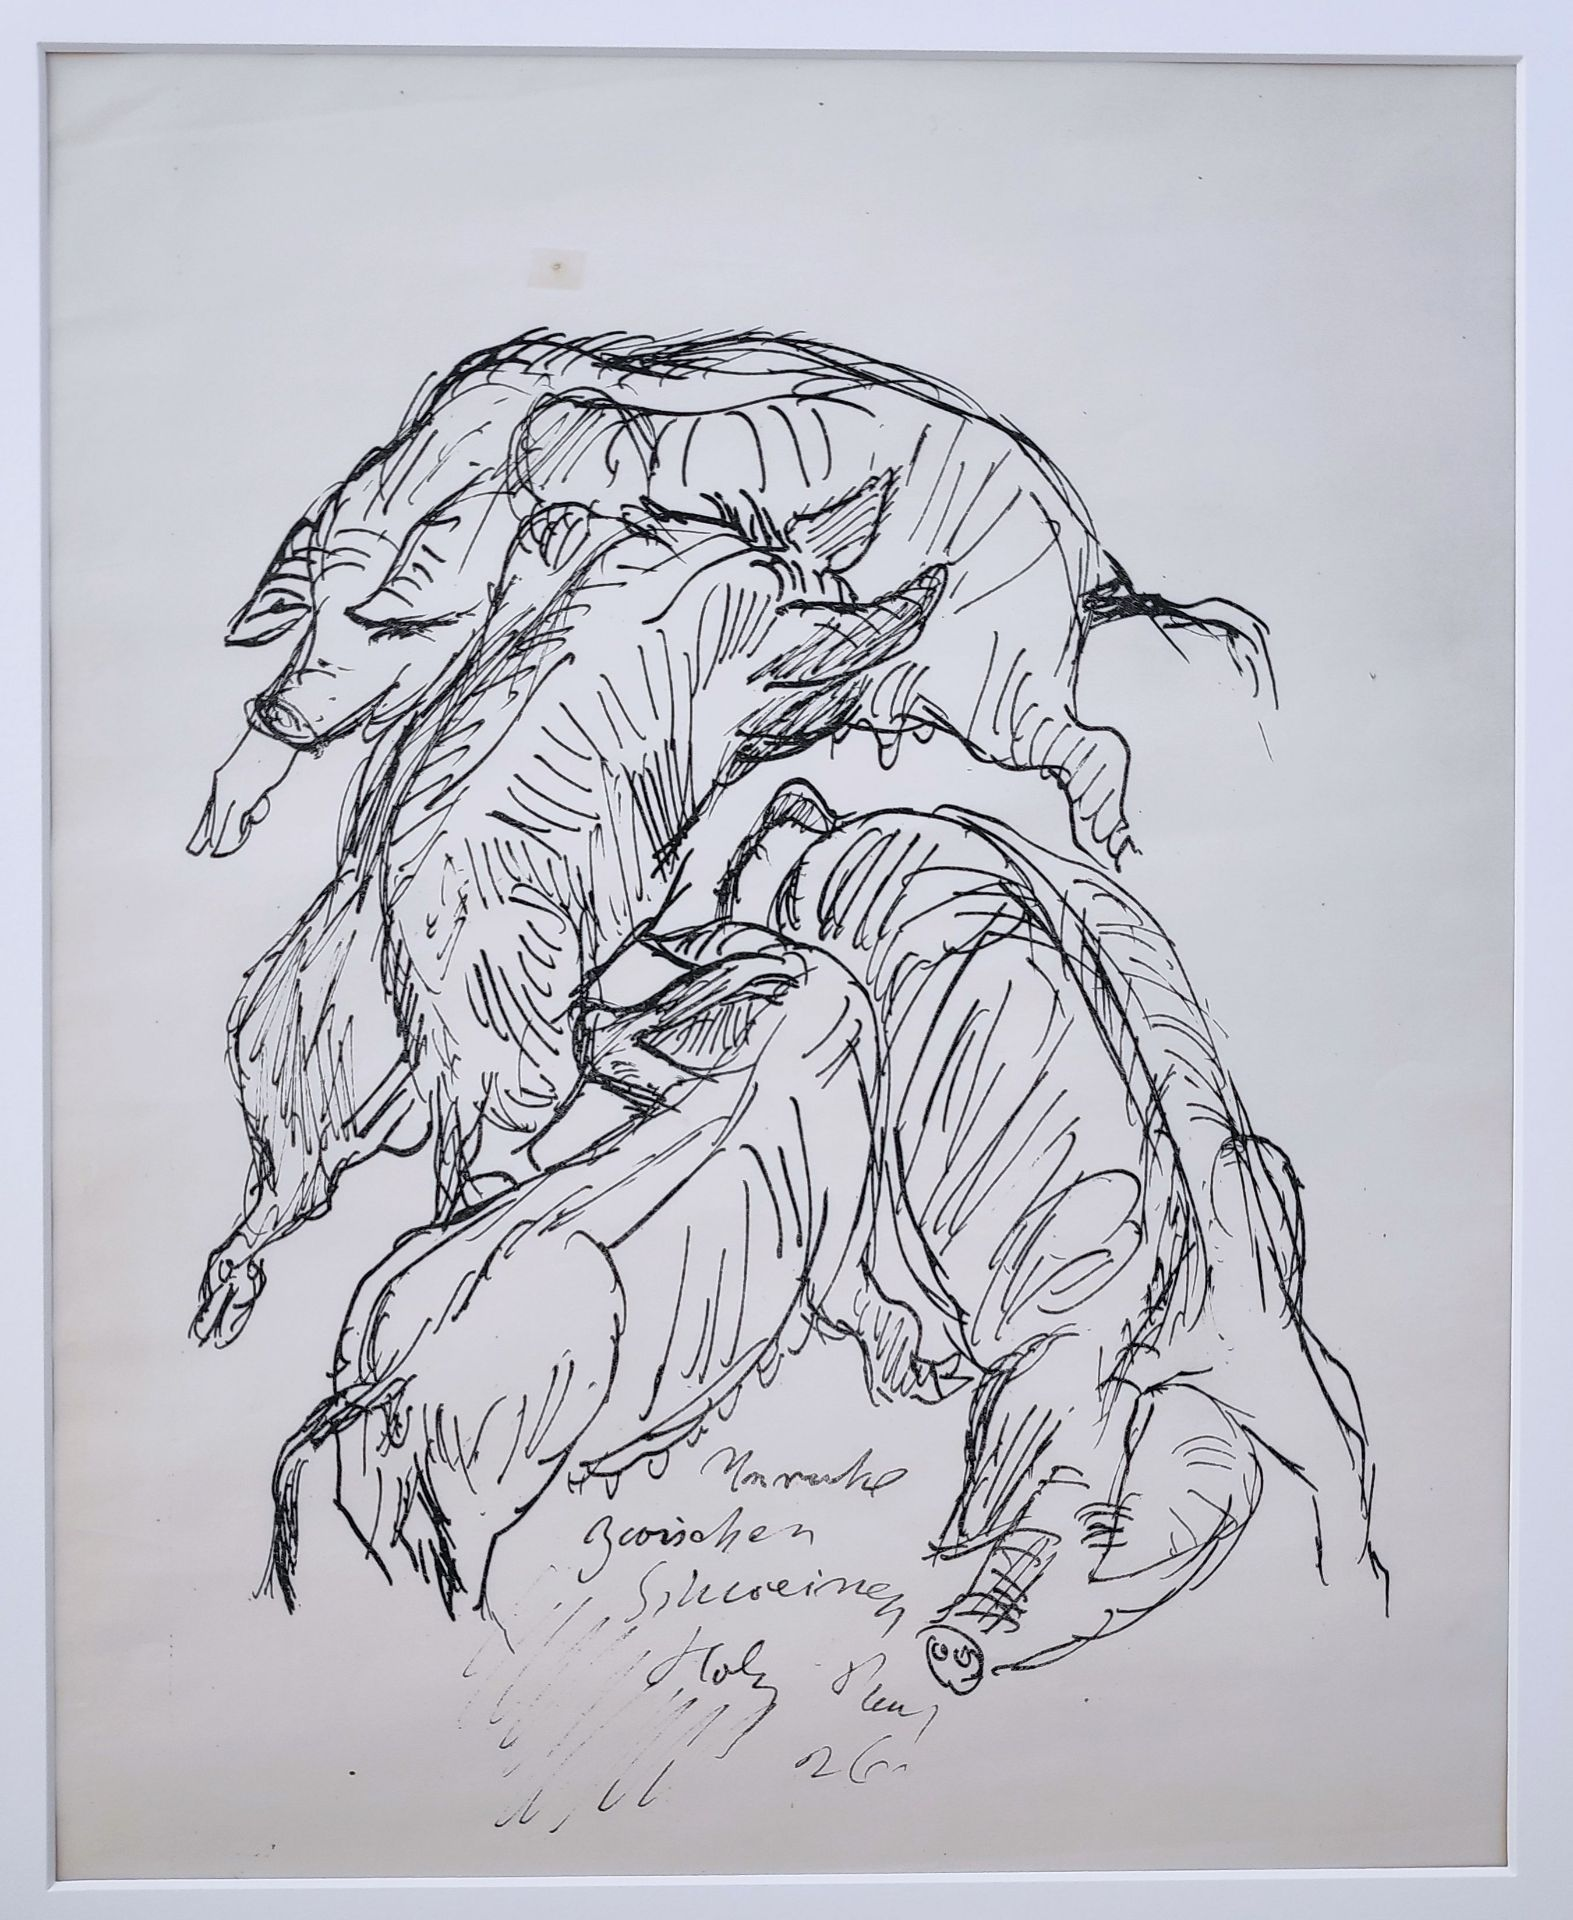 """Holz, Paul (1883 Riesenbrück bei Pasewalk - 1938 Schleswig) """"Unruhe unter Schweinen"""""""